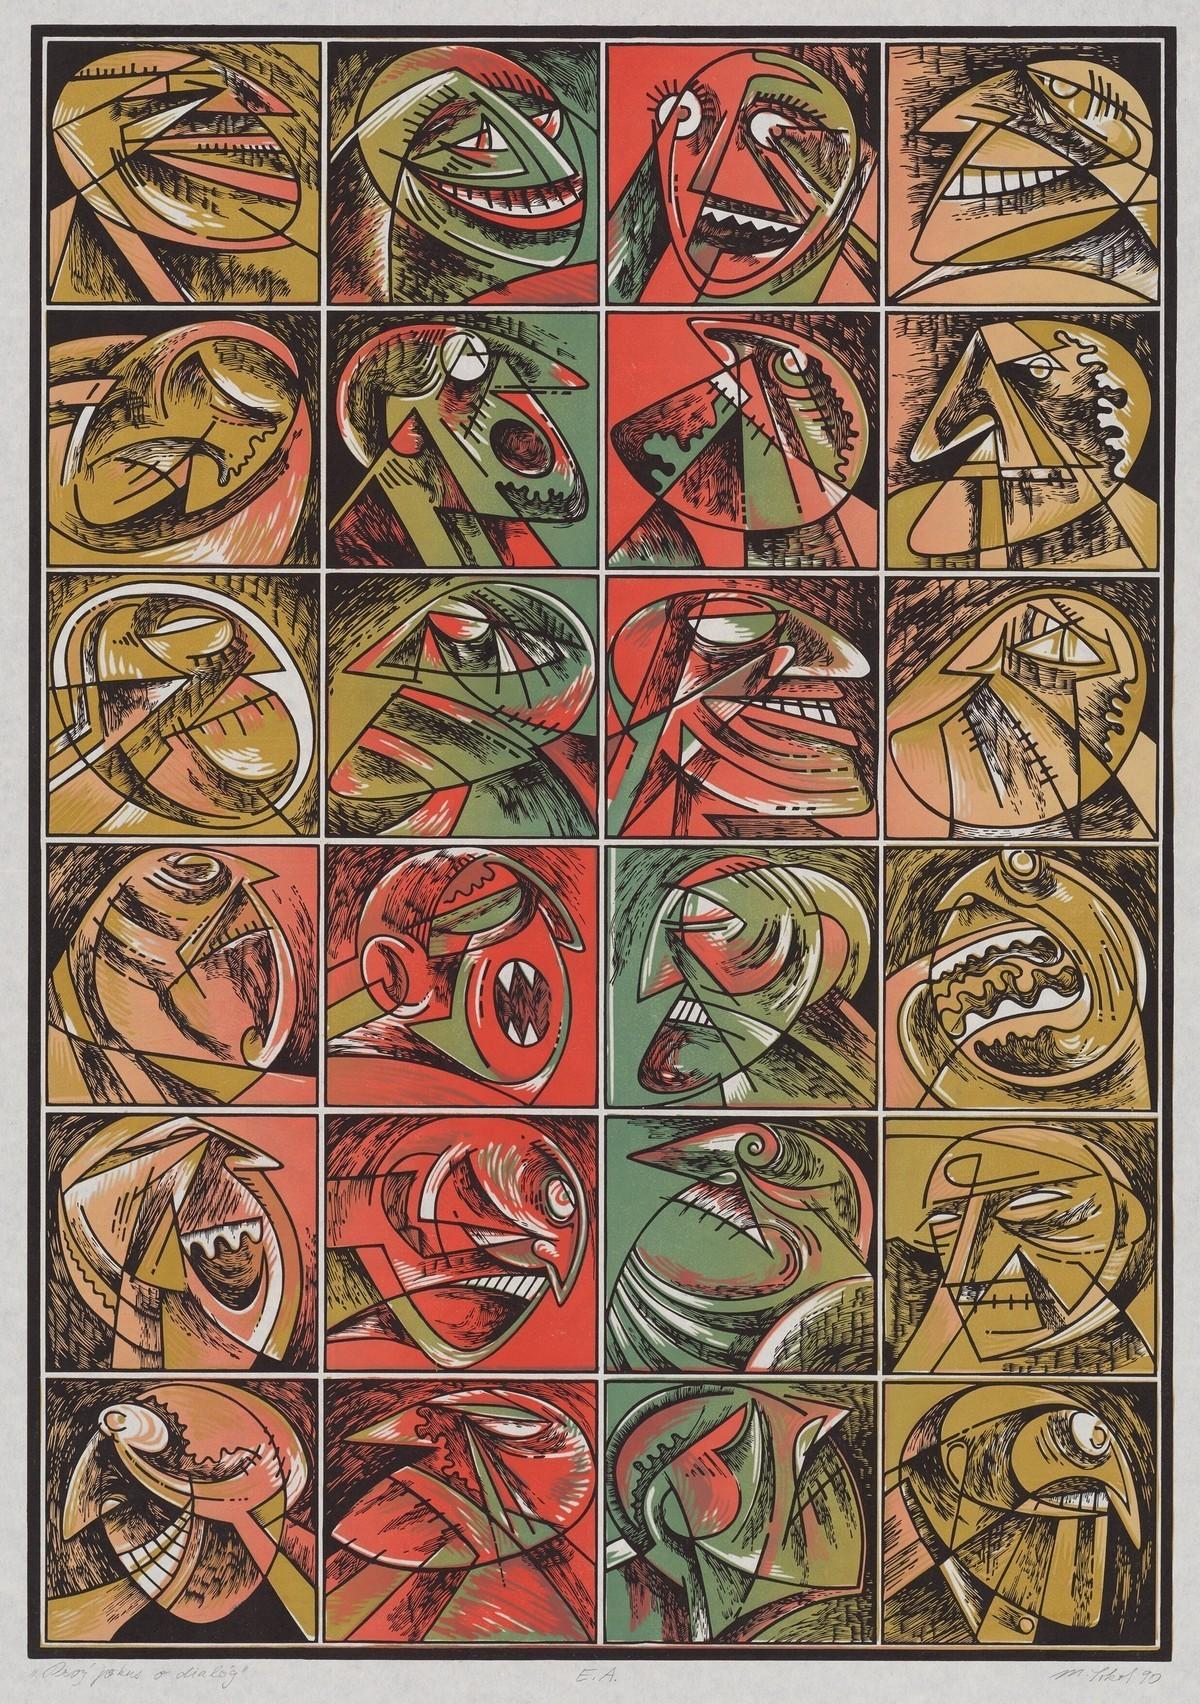 Milan Sokol, Prvý pokus o dialóg. 1990. Stredoslovenská galéria v Banskej Bystrici